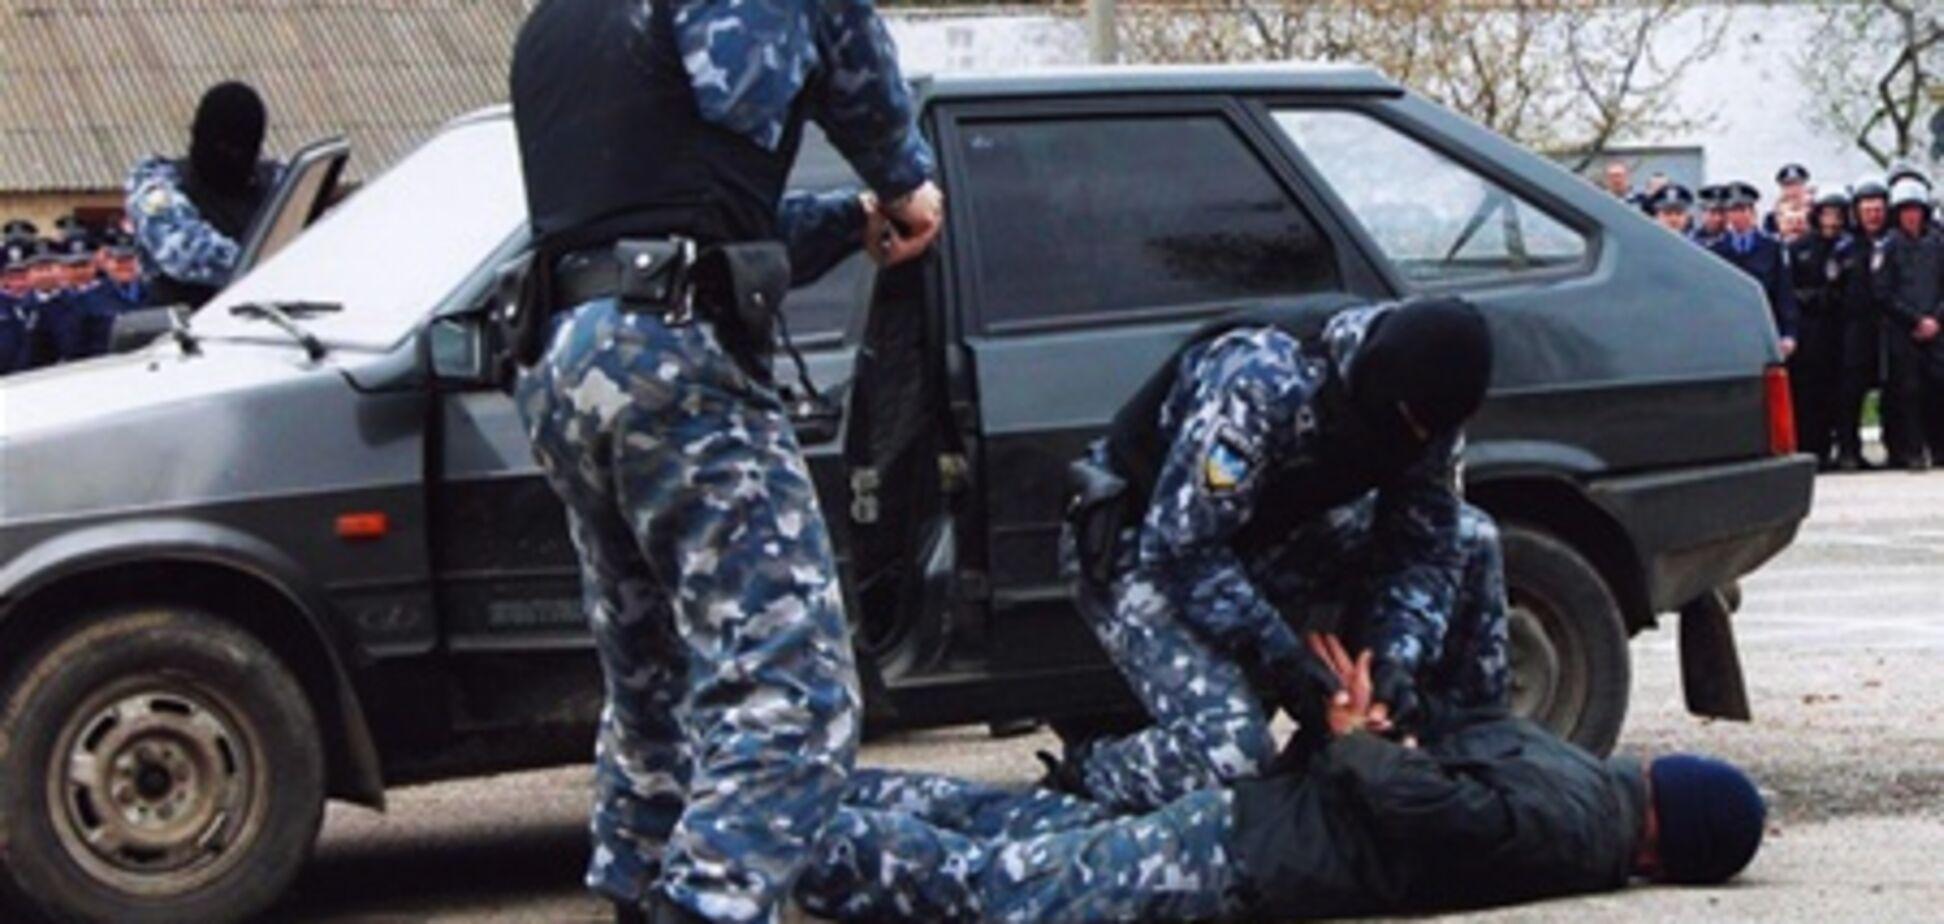 У Криму затримано чоловіка за підозрою у вбивстві співробітника 'Беркут'